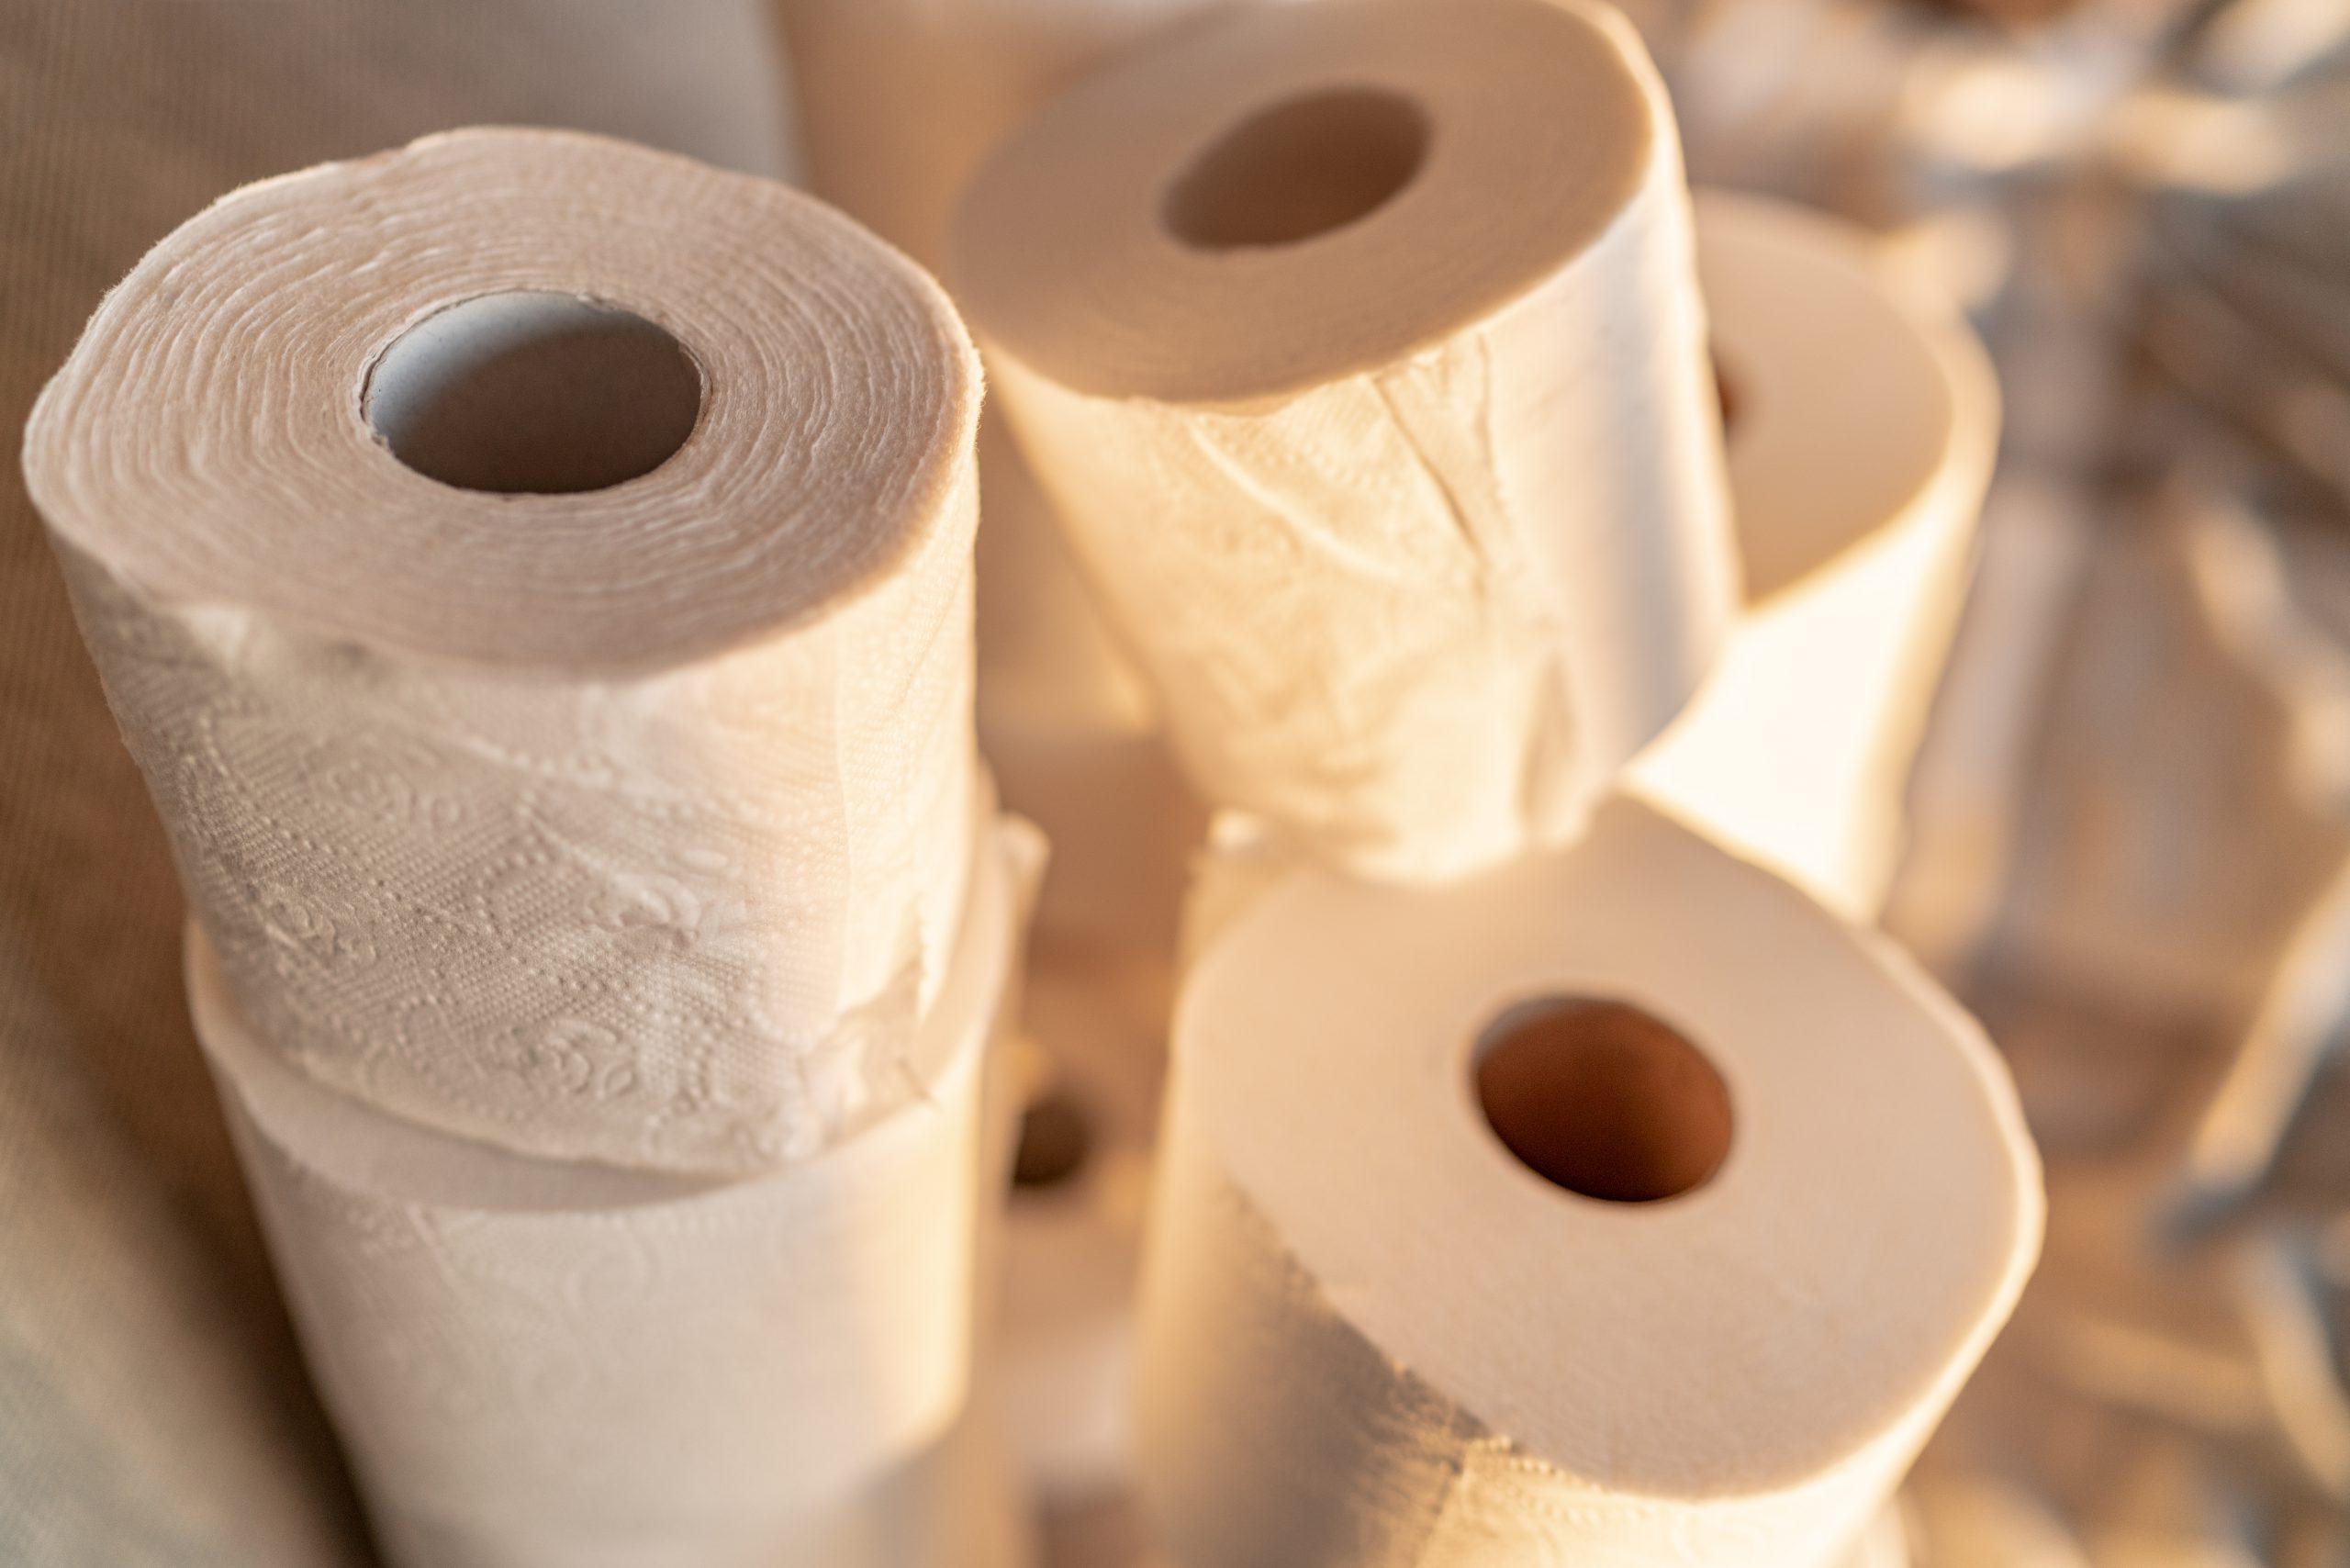 hoarding toilet paper